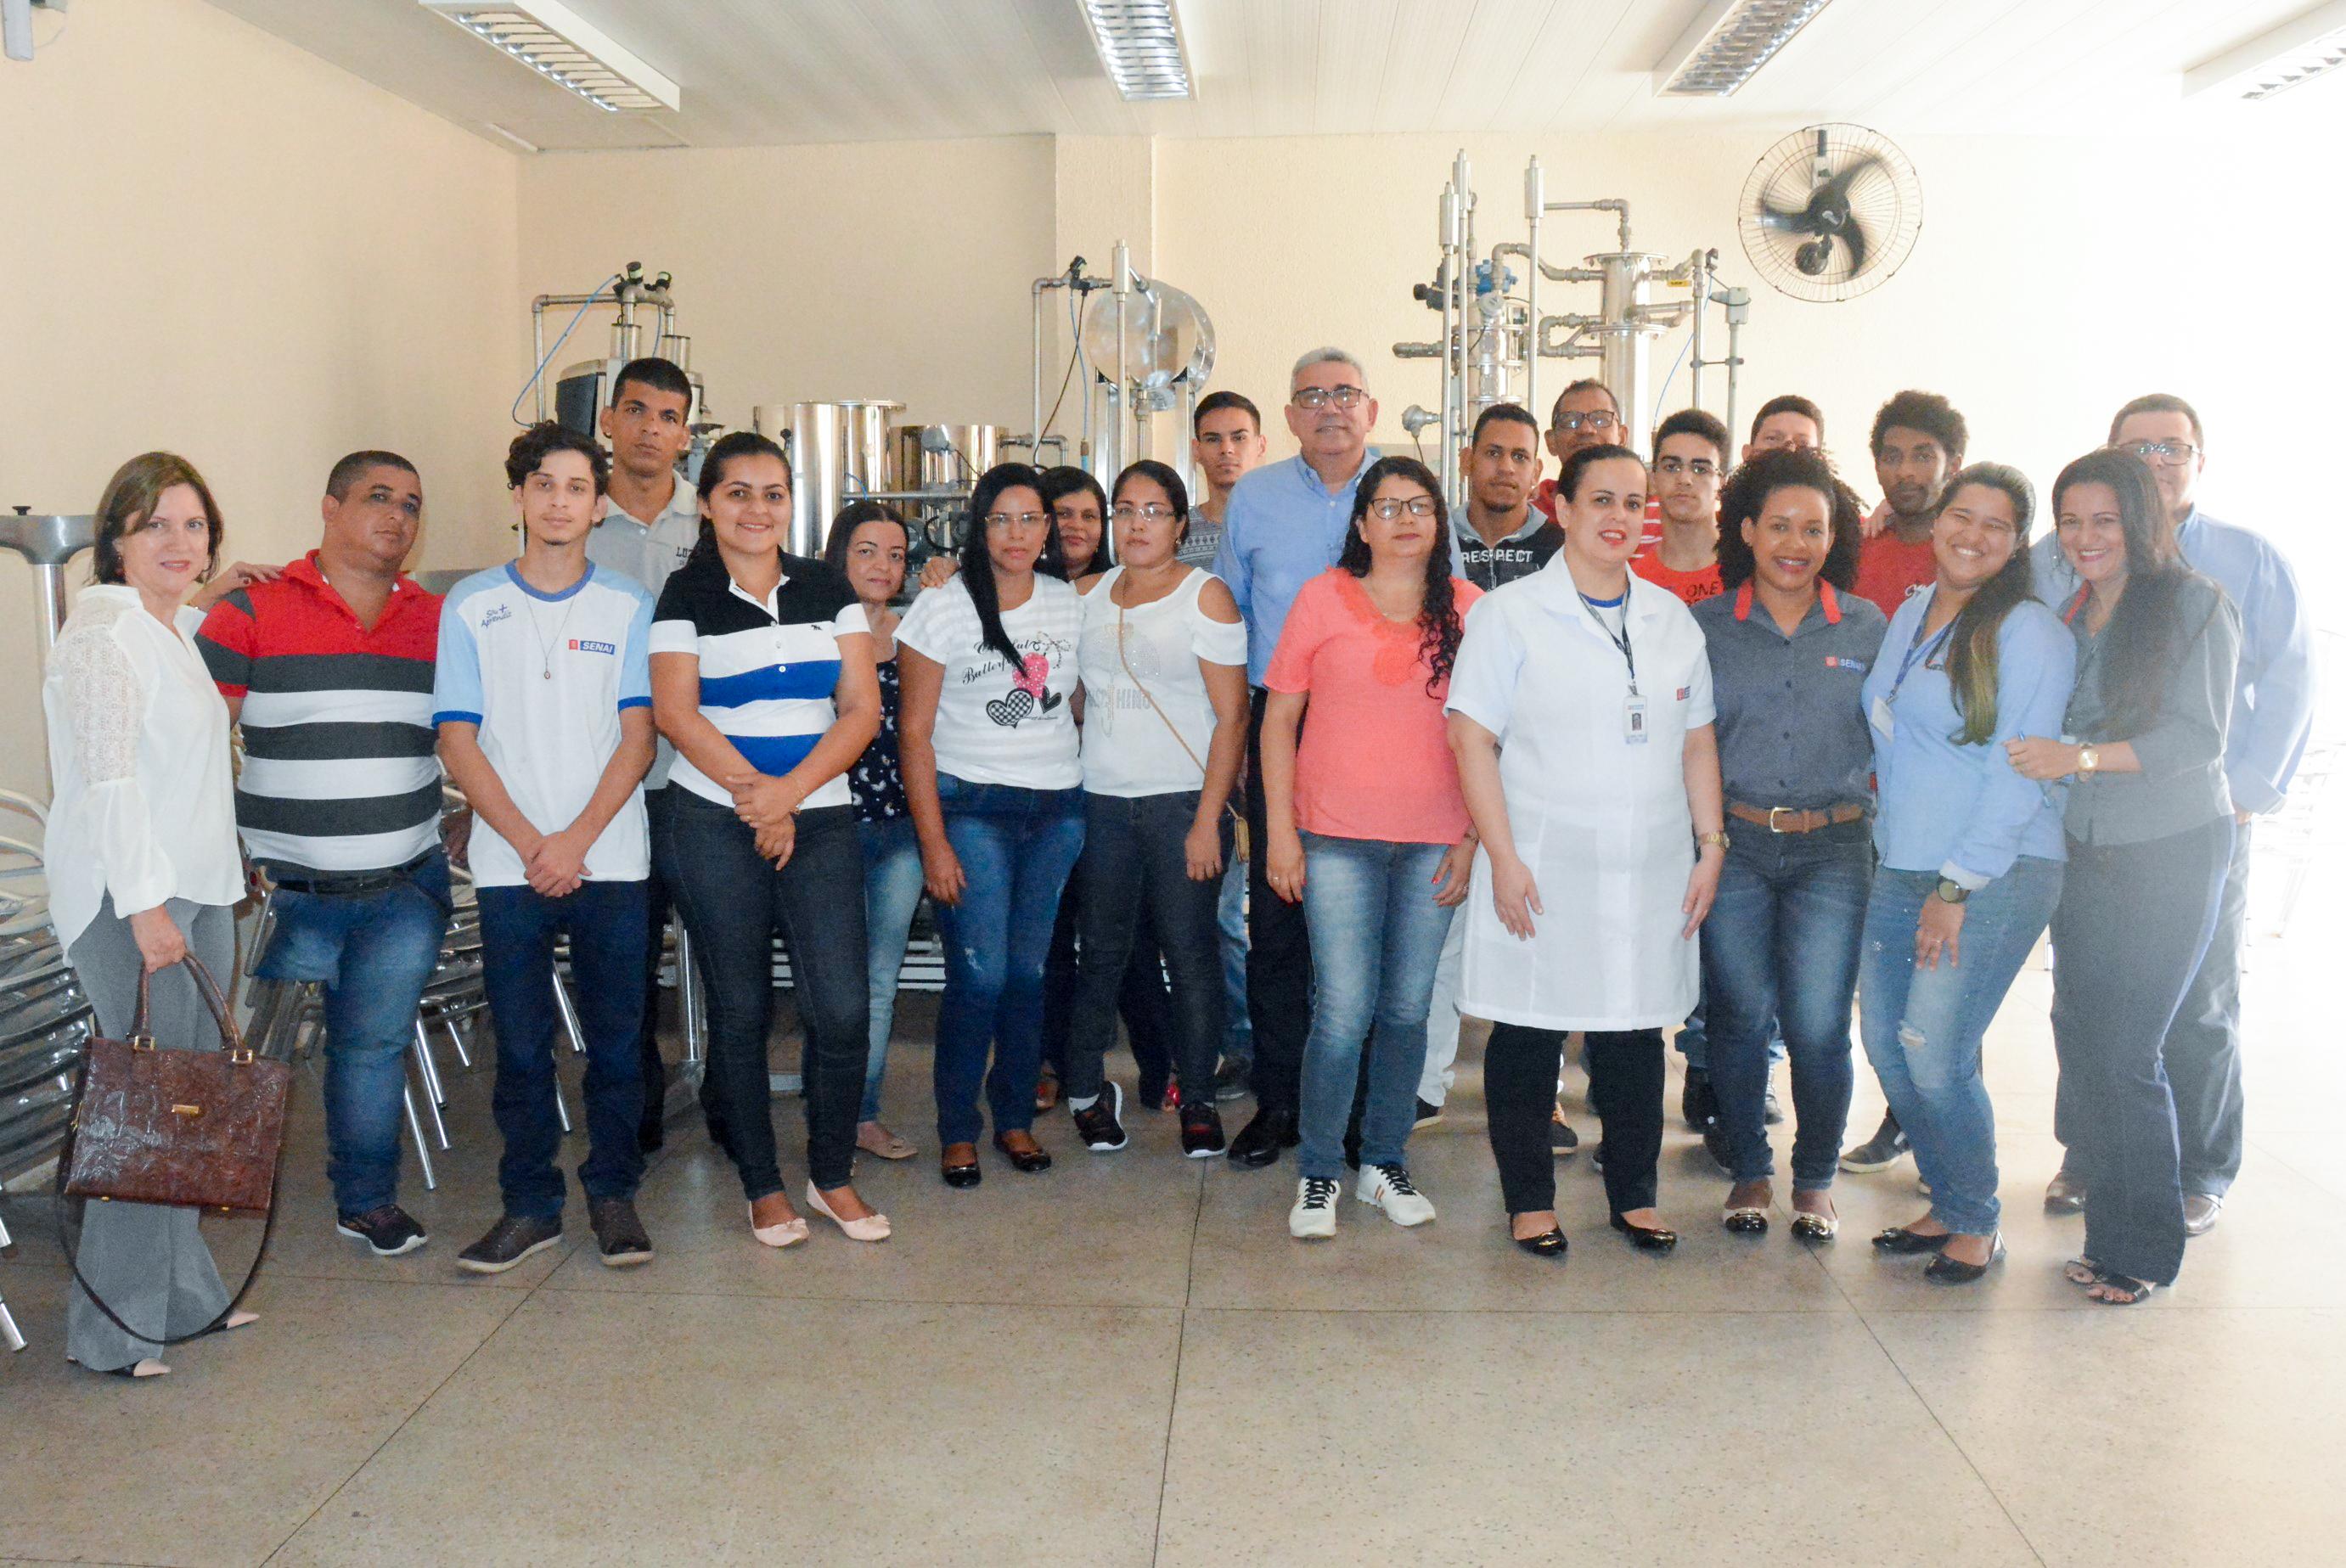 Cidadania e inclusão social: MPT participa de lançamento de curso de aprendizagem para PCDs